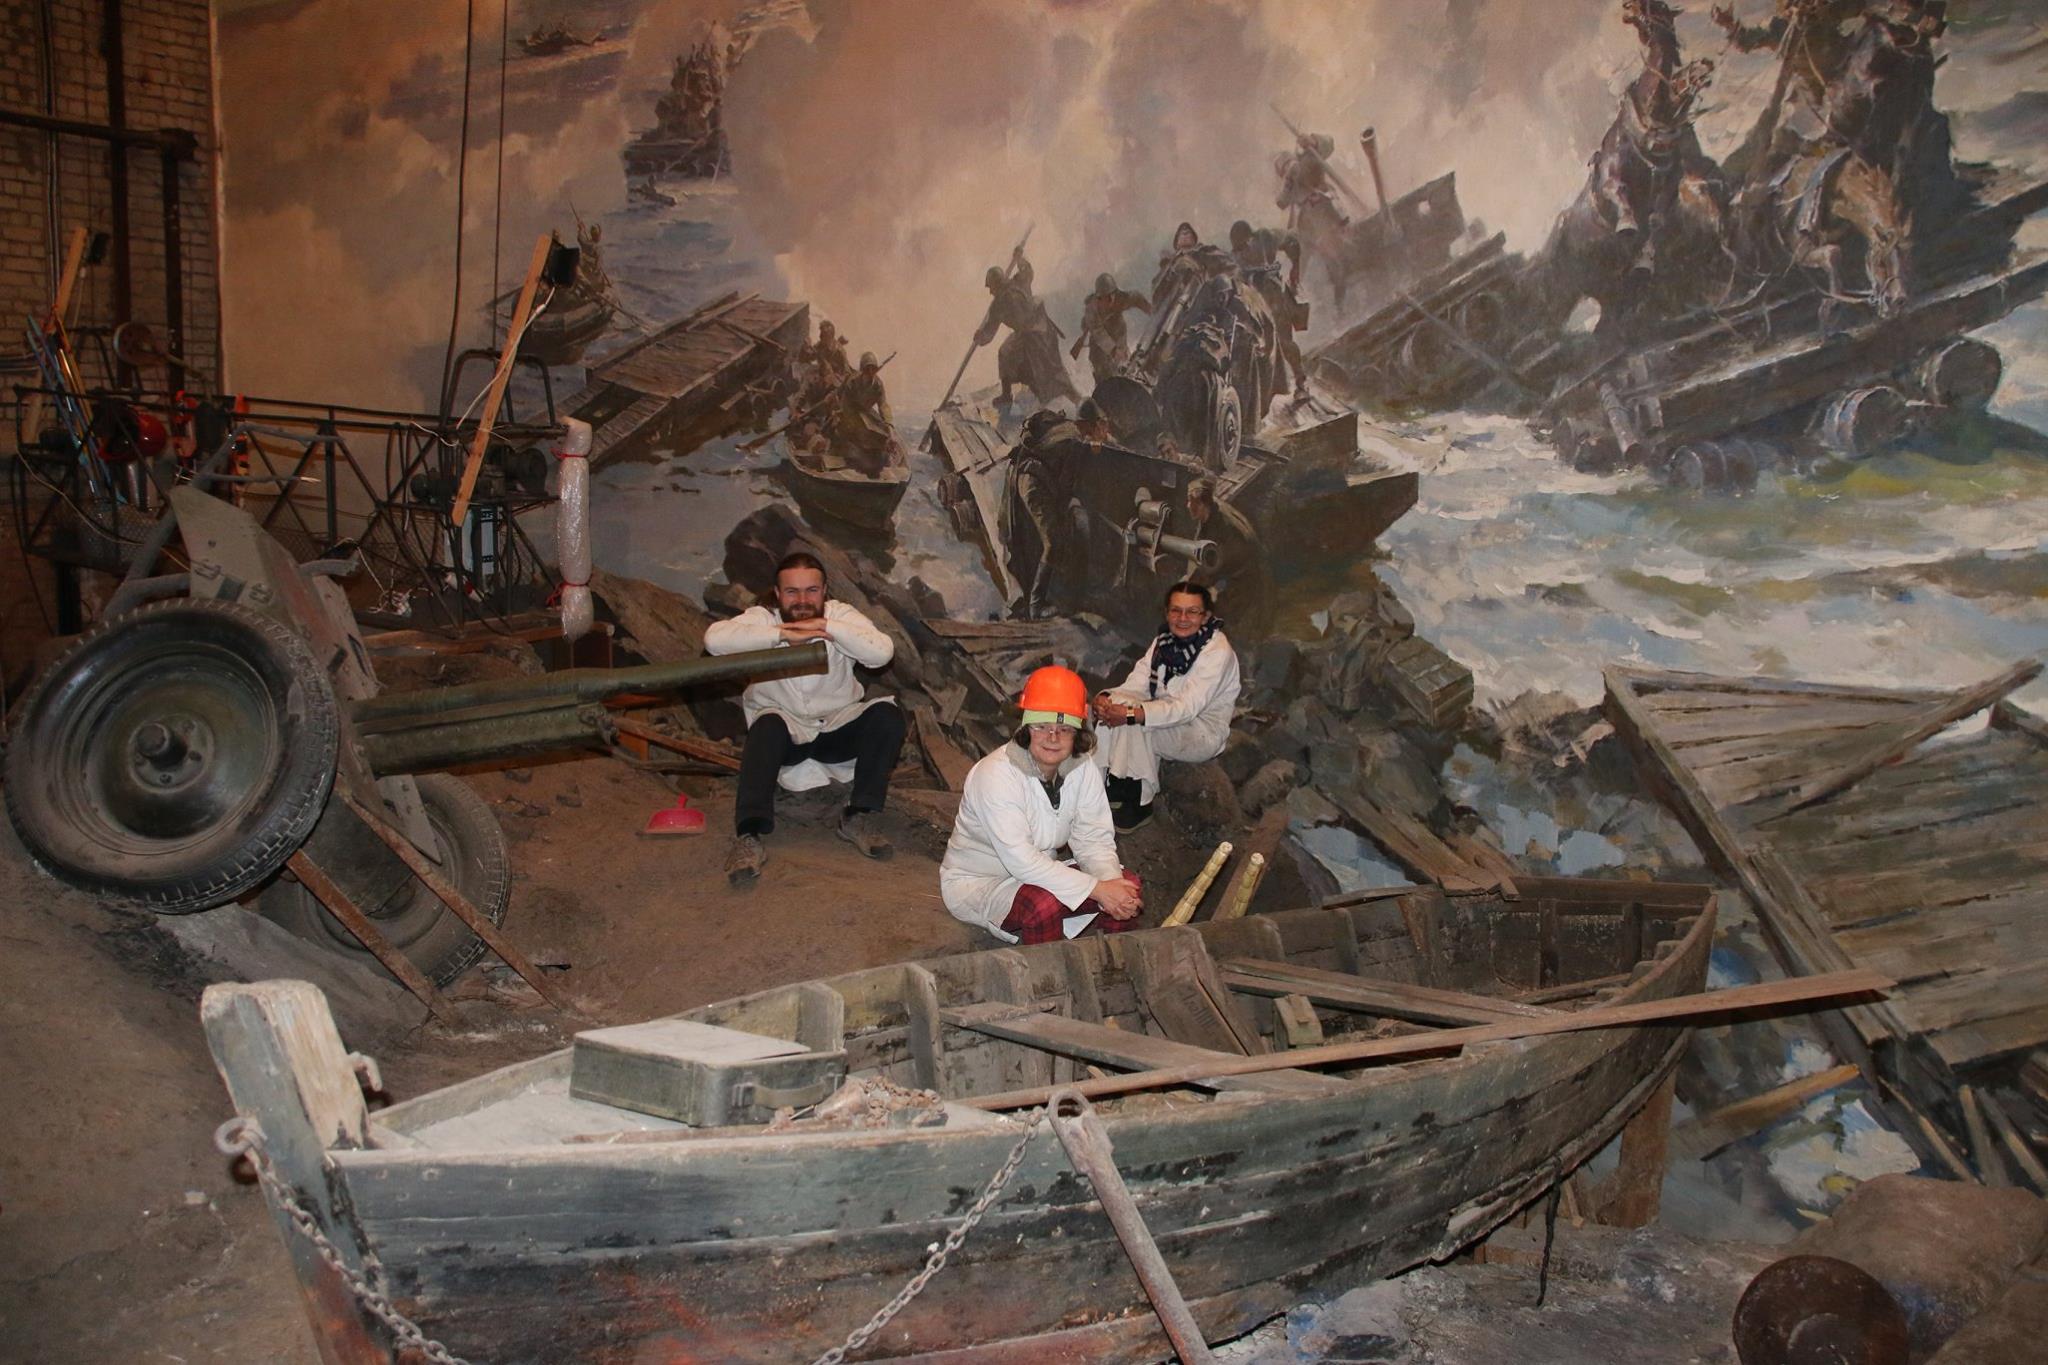 Диорама битва за днепр в днепропетровске фото